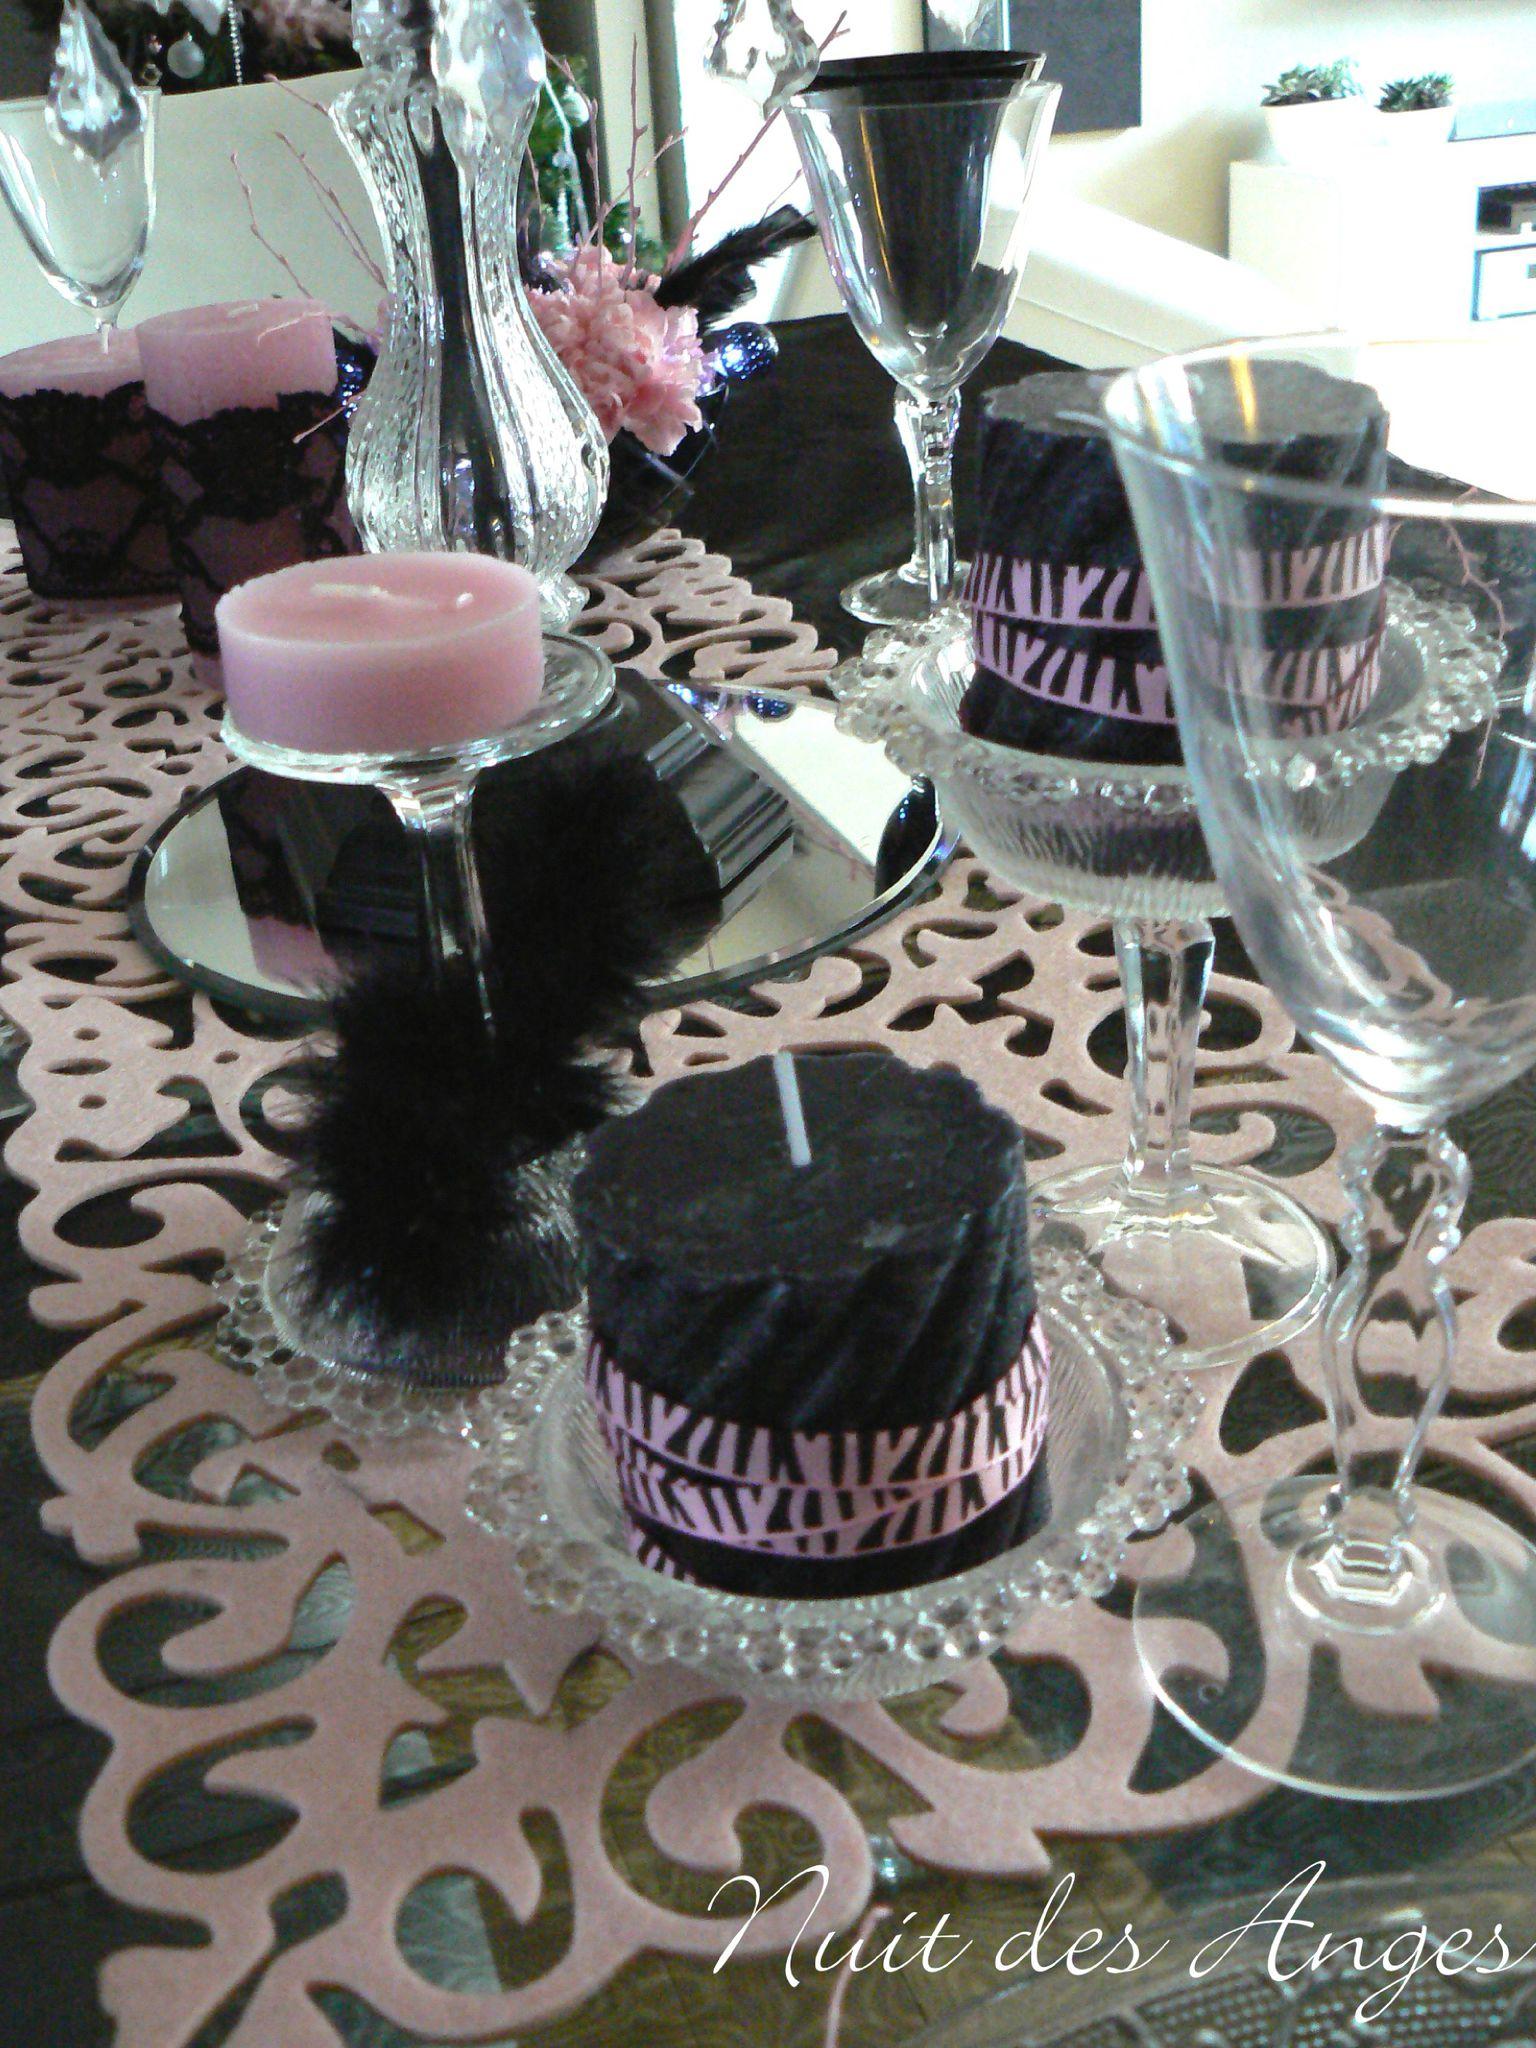 d coration de table noir et rose boudoir nuit des anges. Black Bedroom Furniture Sets. Home Design Ideas